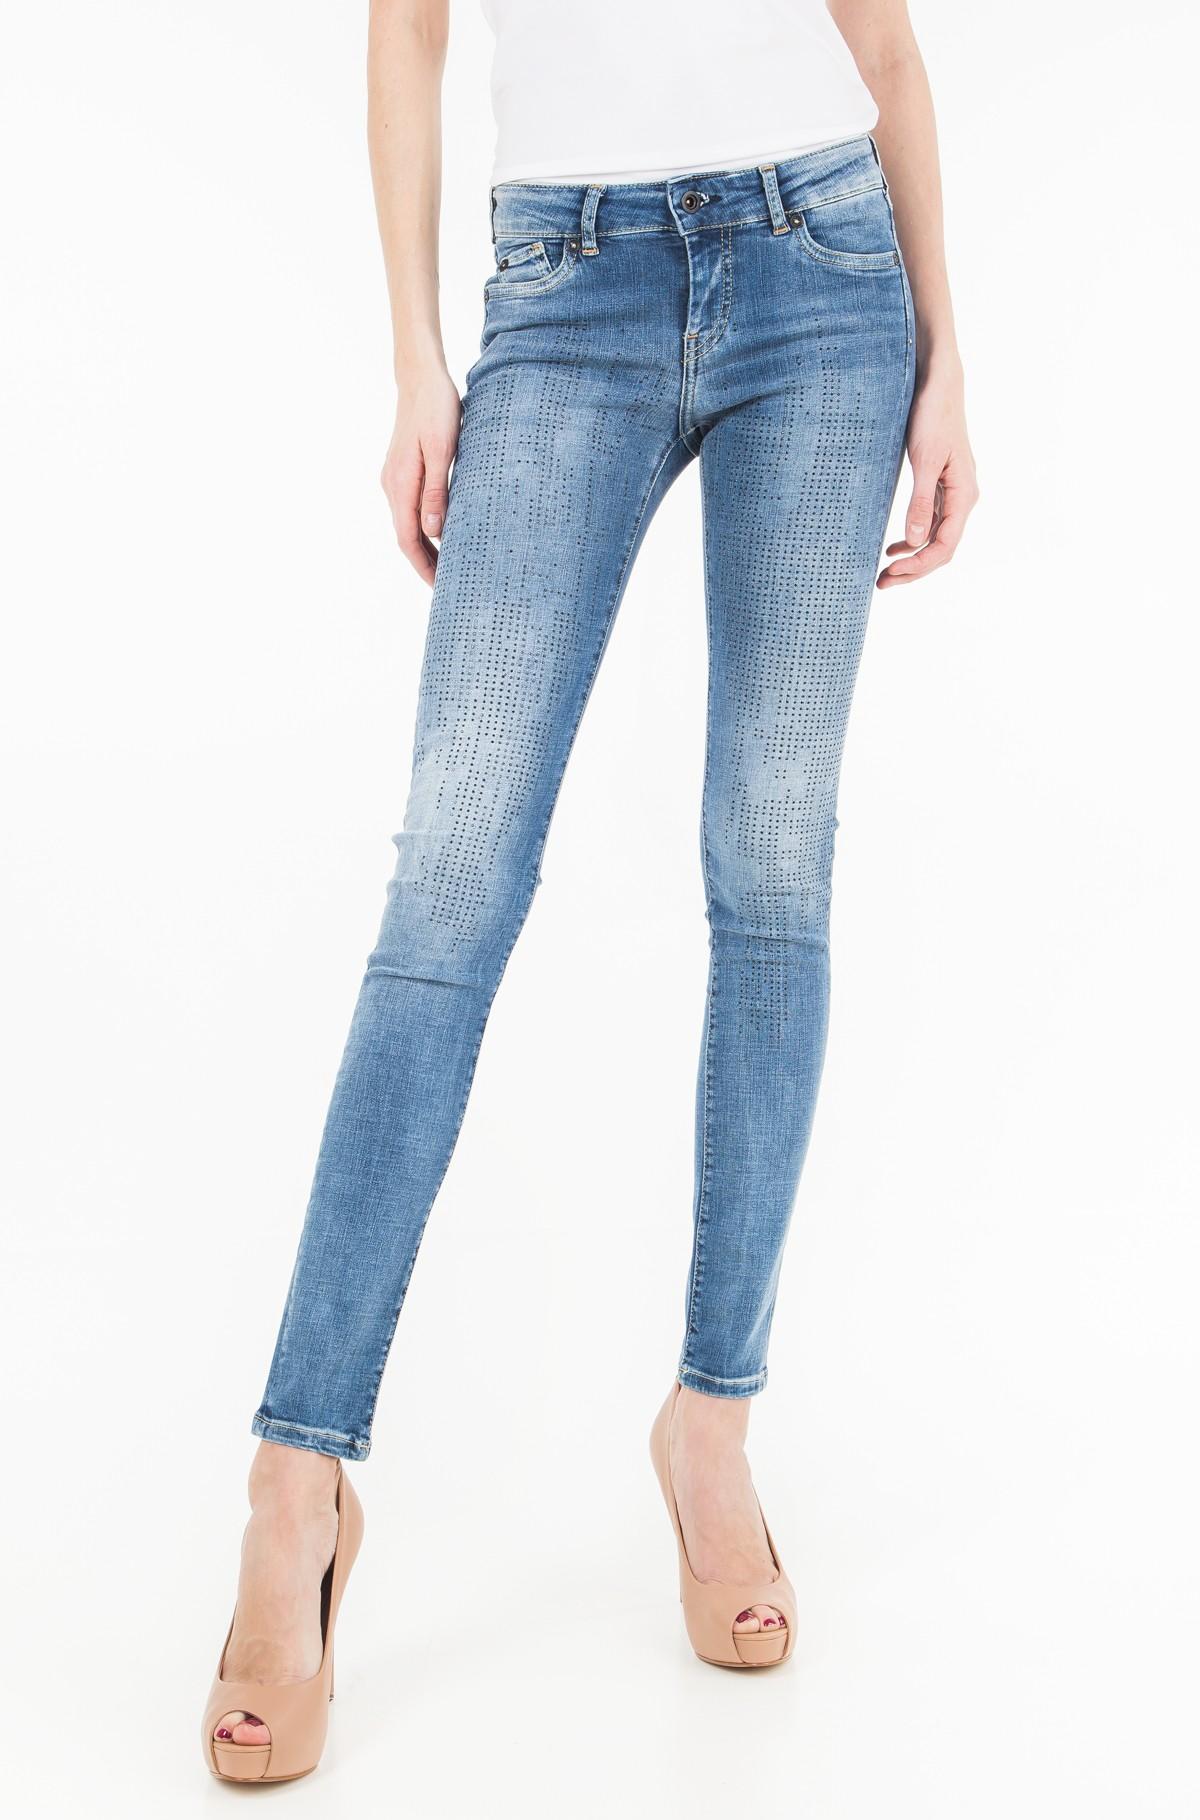 Džinsinės kelnės Pixie Studs-full-1